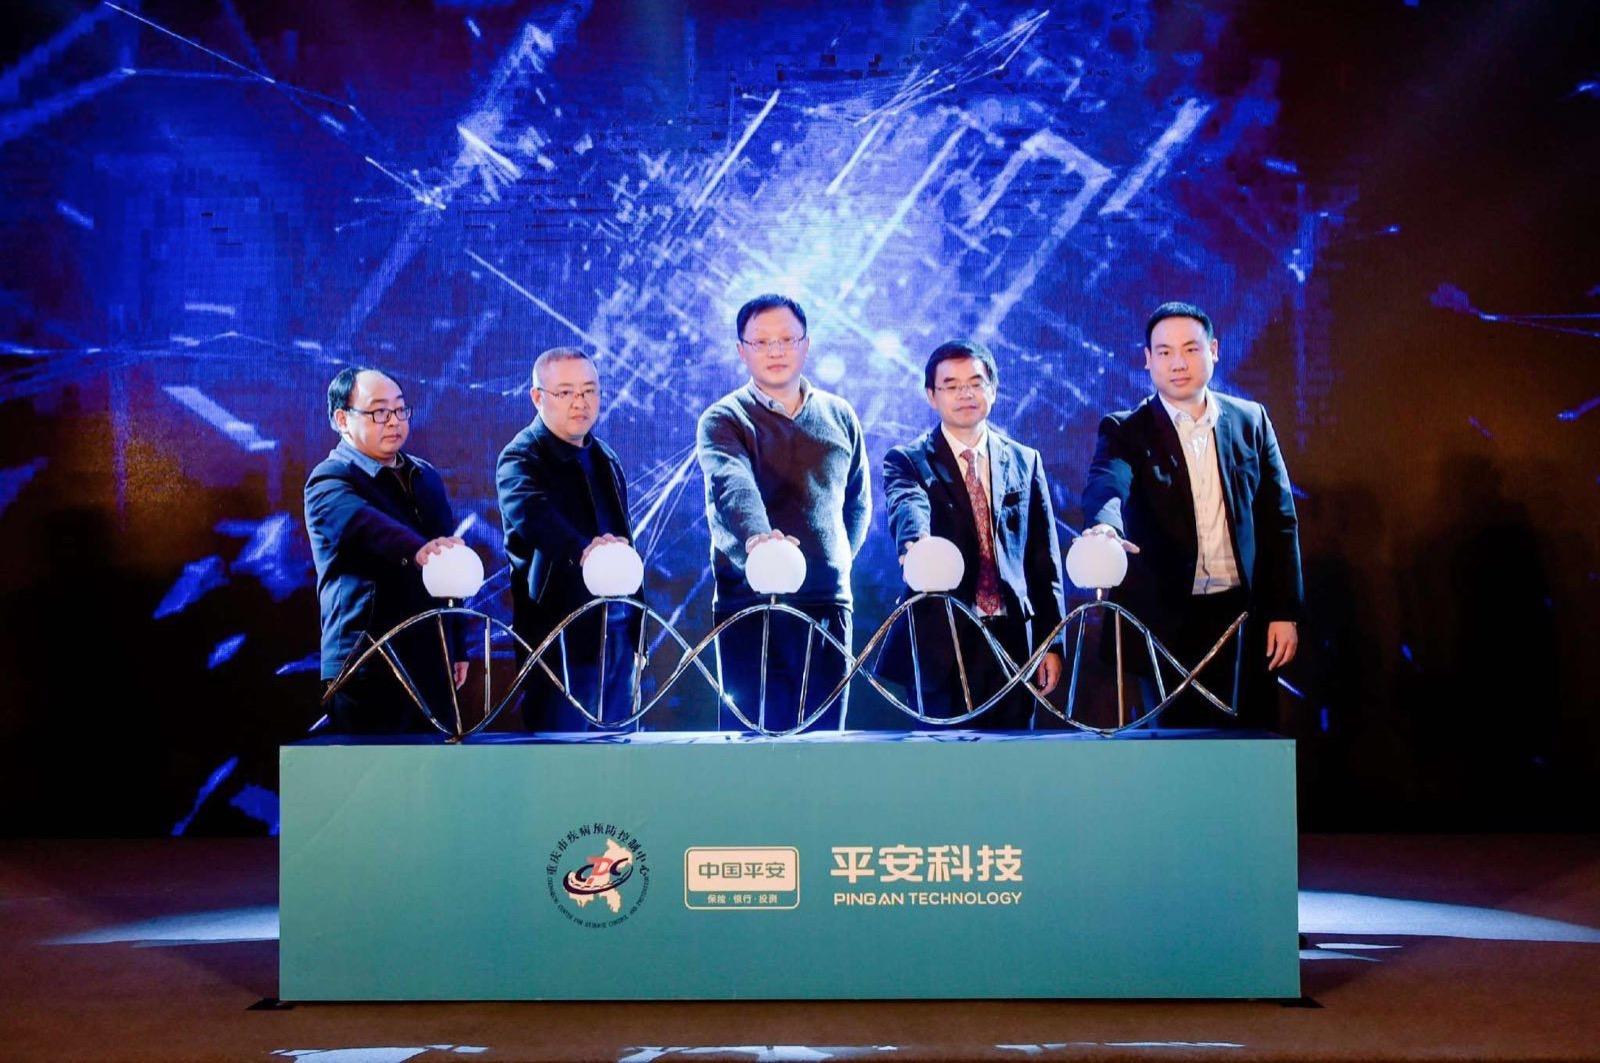 中国平安携手重庆首创AI+大数据疾病预测与筛查模型